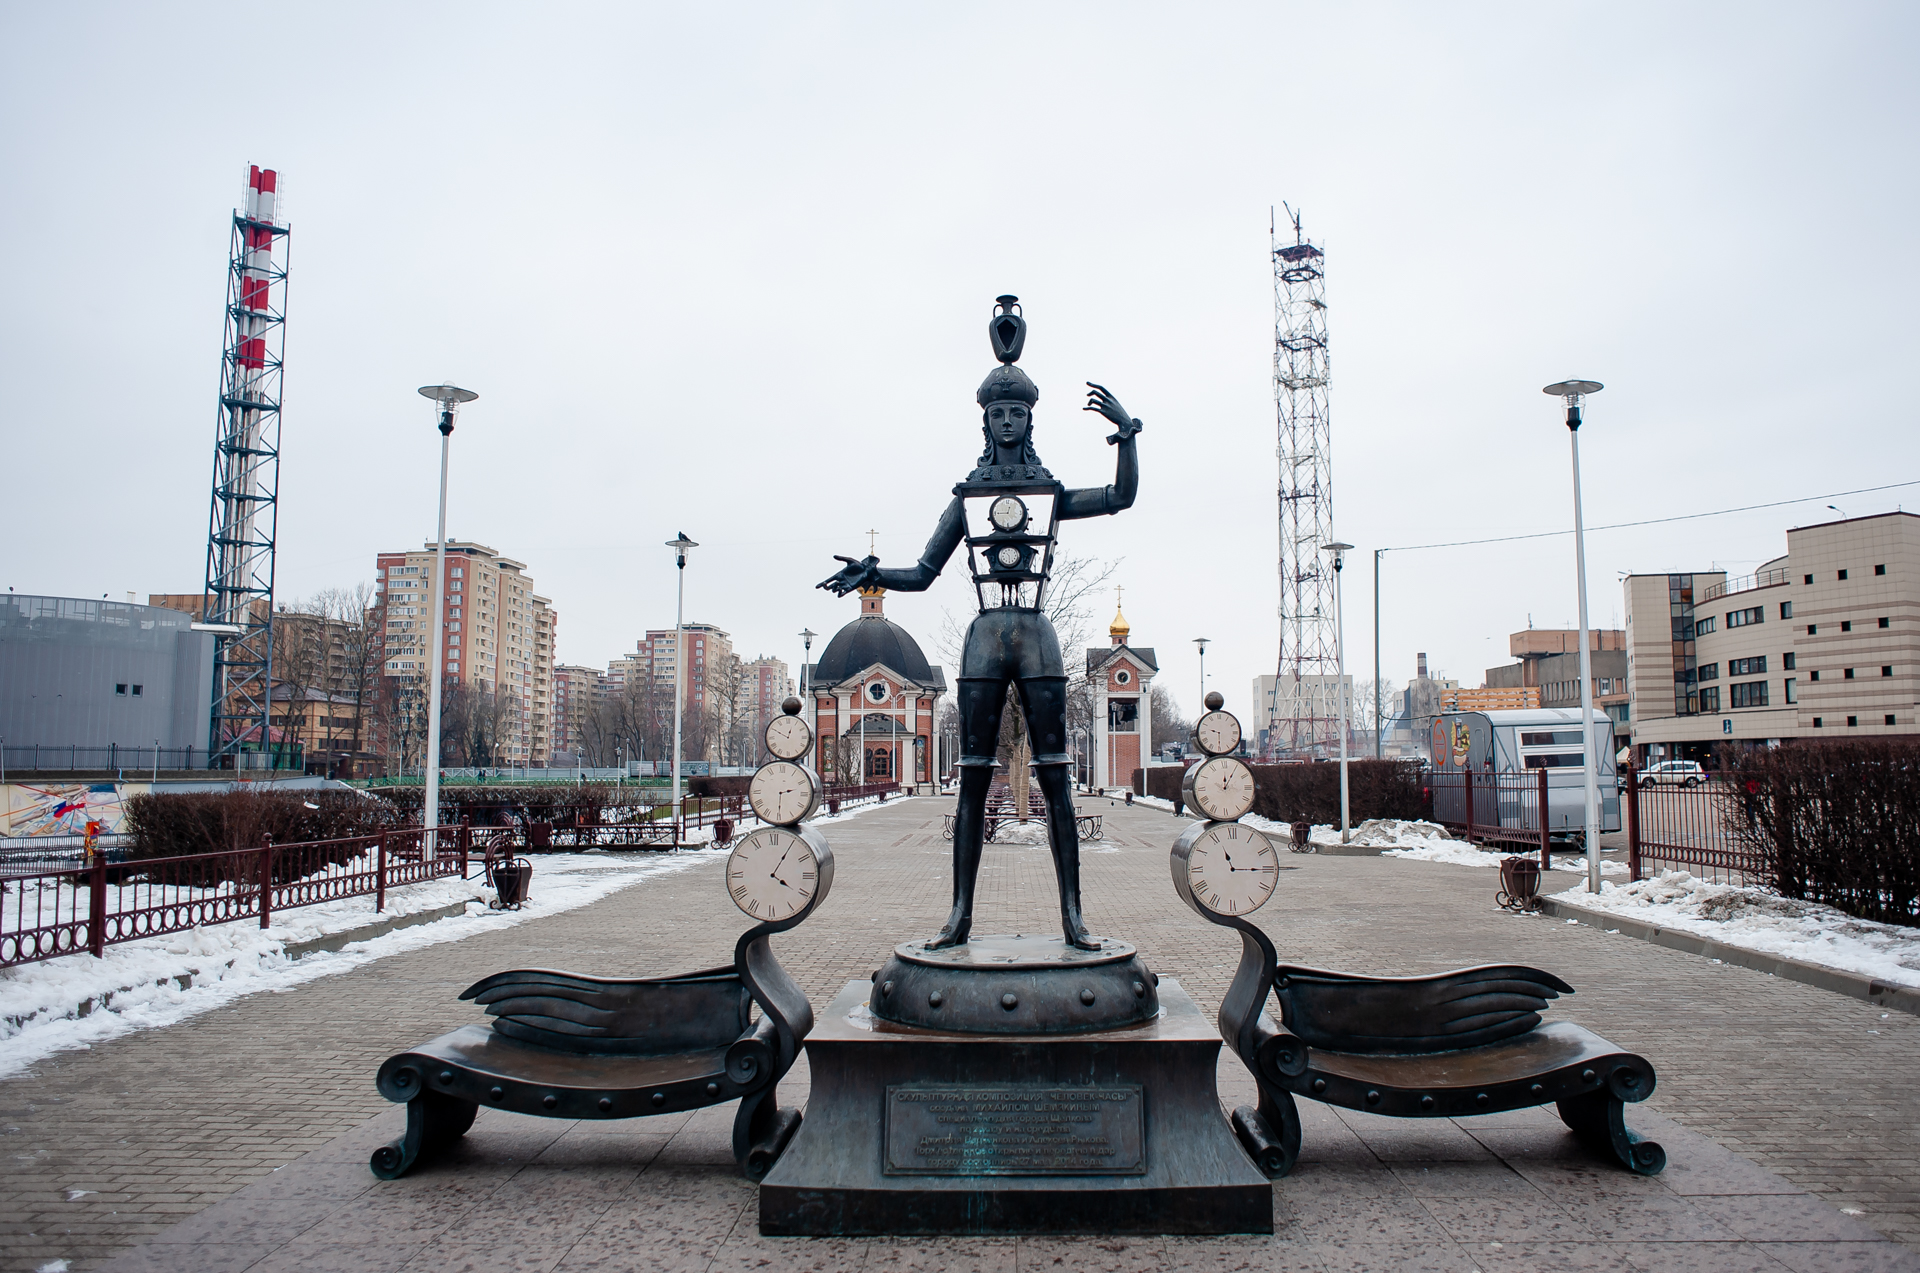 Щелковское  направление, Щёлково, скульптурная композиция Человек-часы